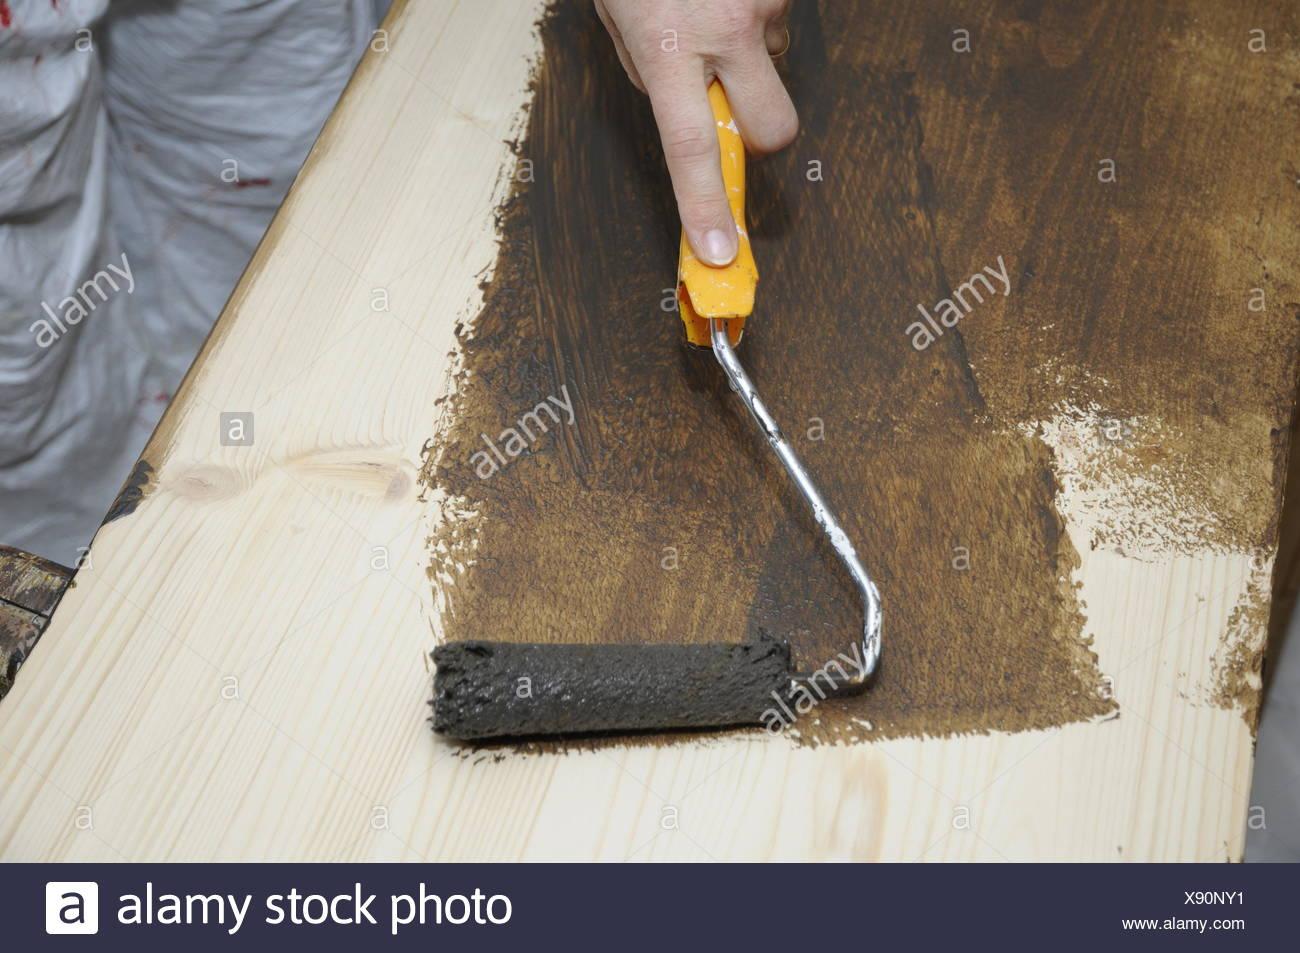 Holz Streichen Stock Photos & Holz Streichen Stock Images